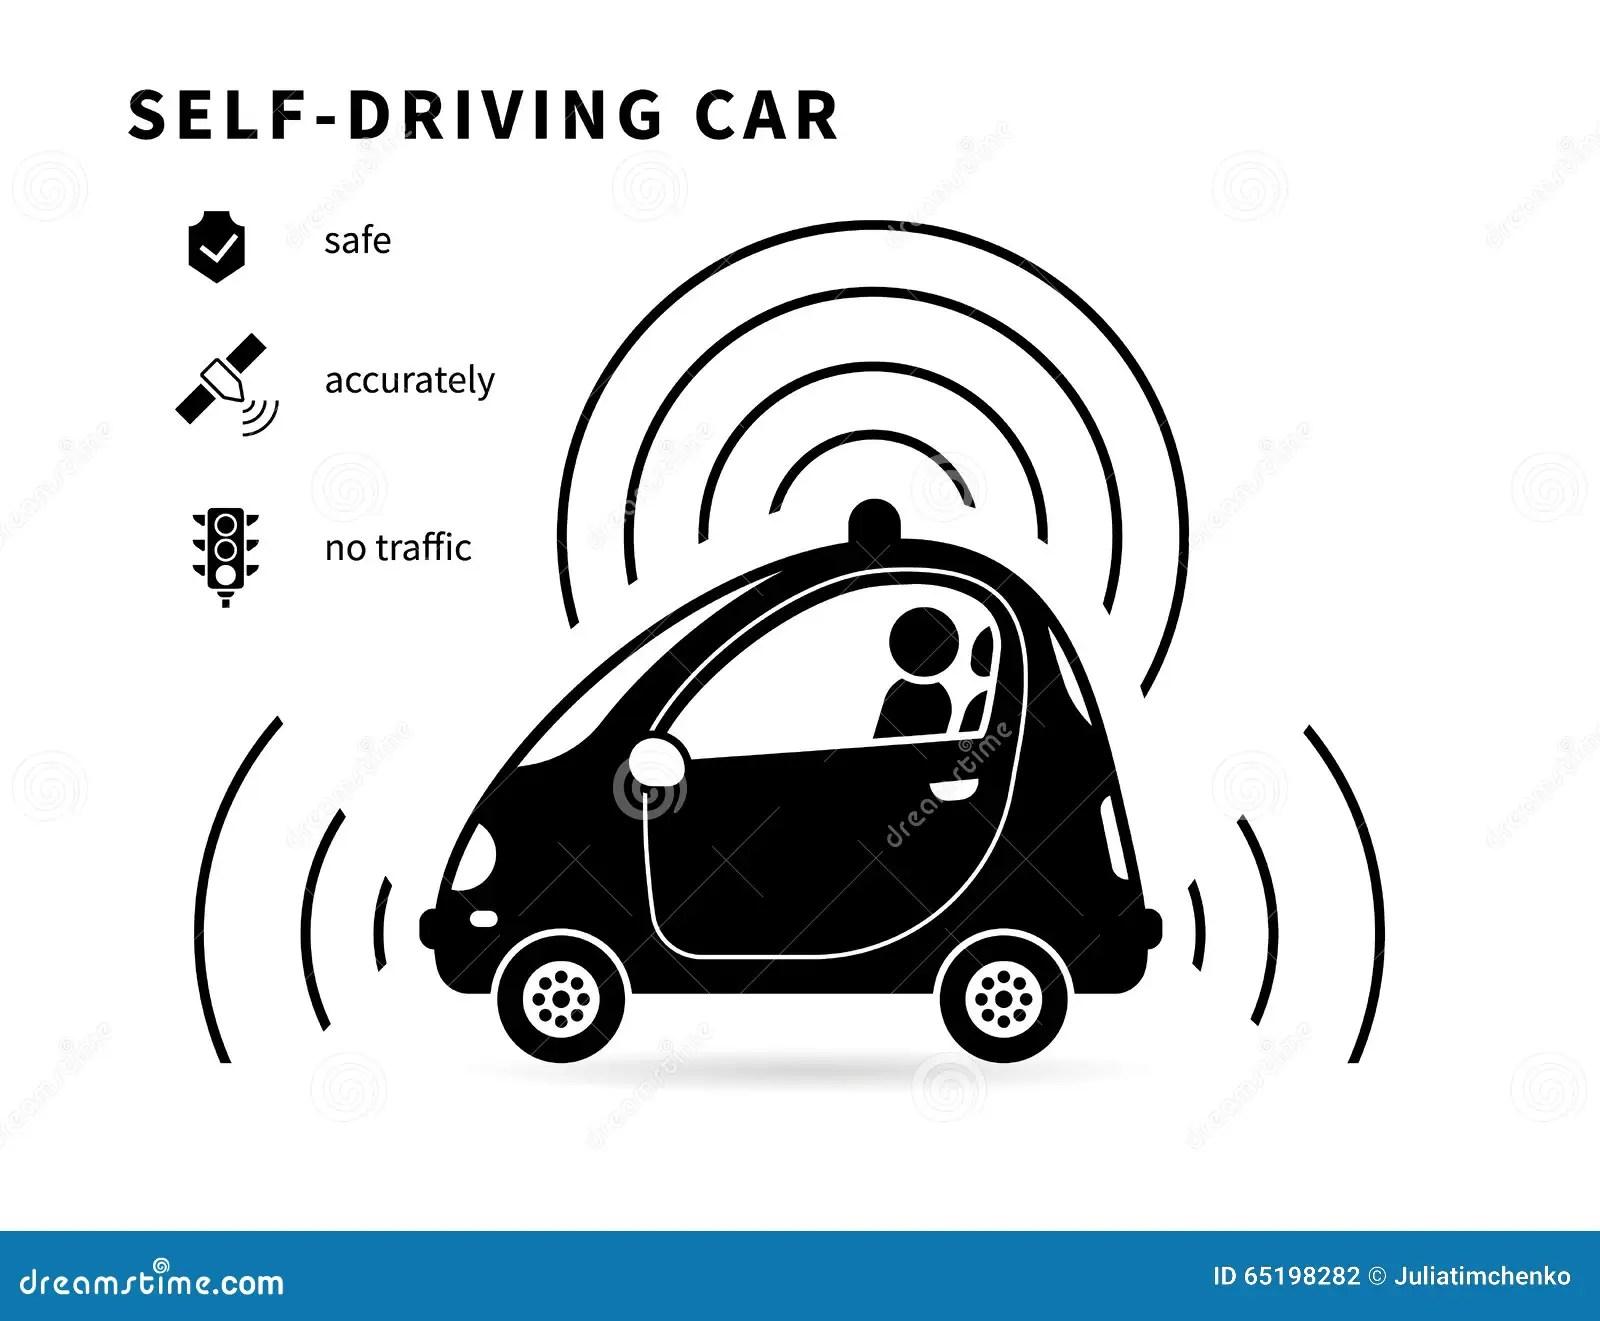 Lidar Autonomous Car